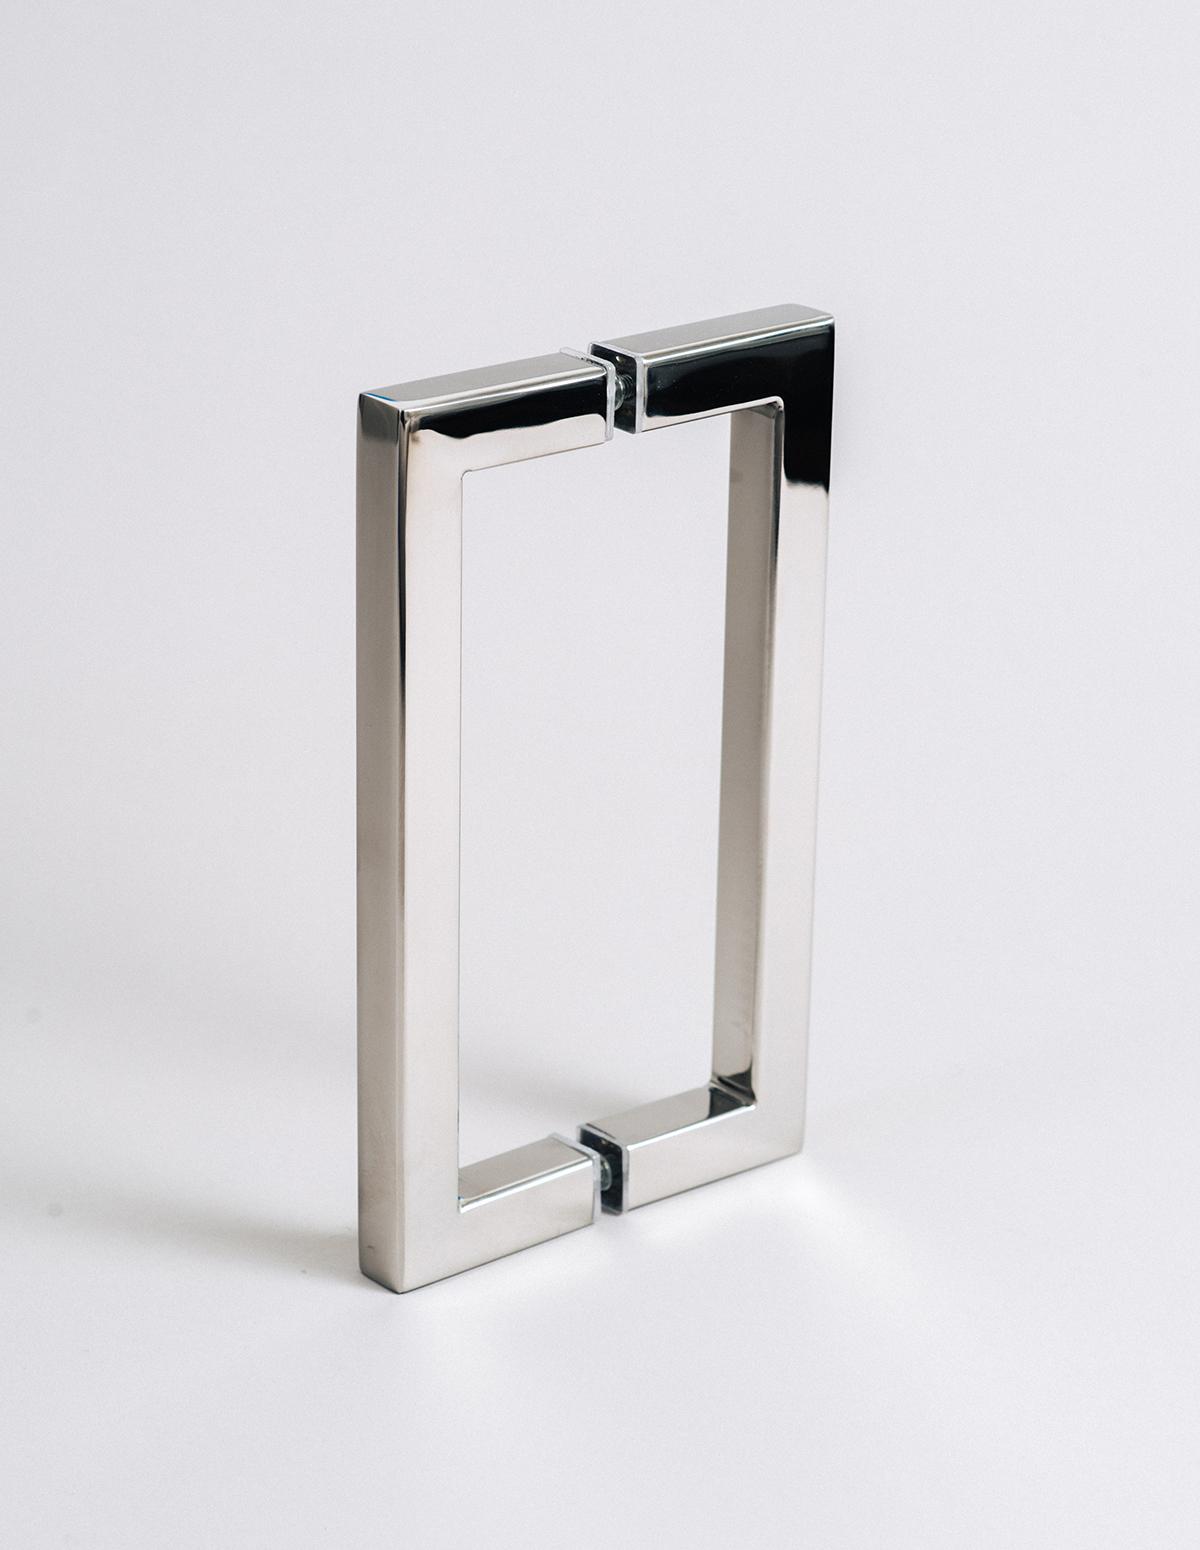 Optimum-Studios-Architectural-Glass-Metal-HardwarePage-Handle4-042216